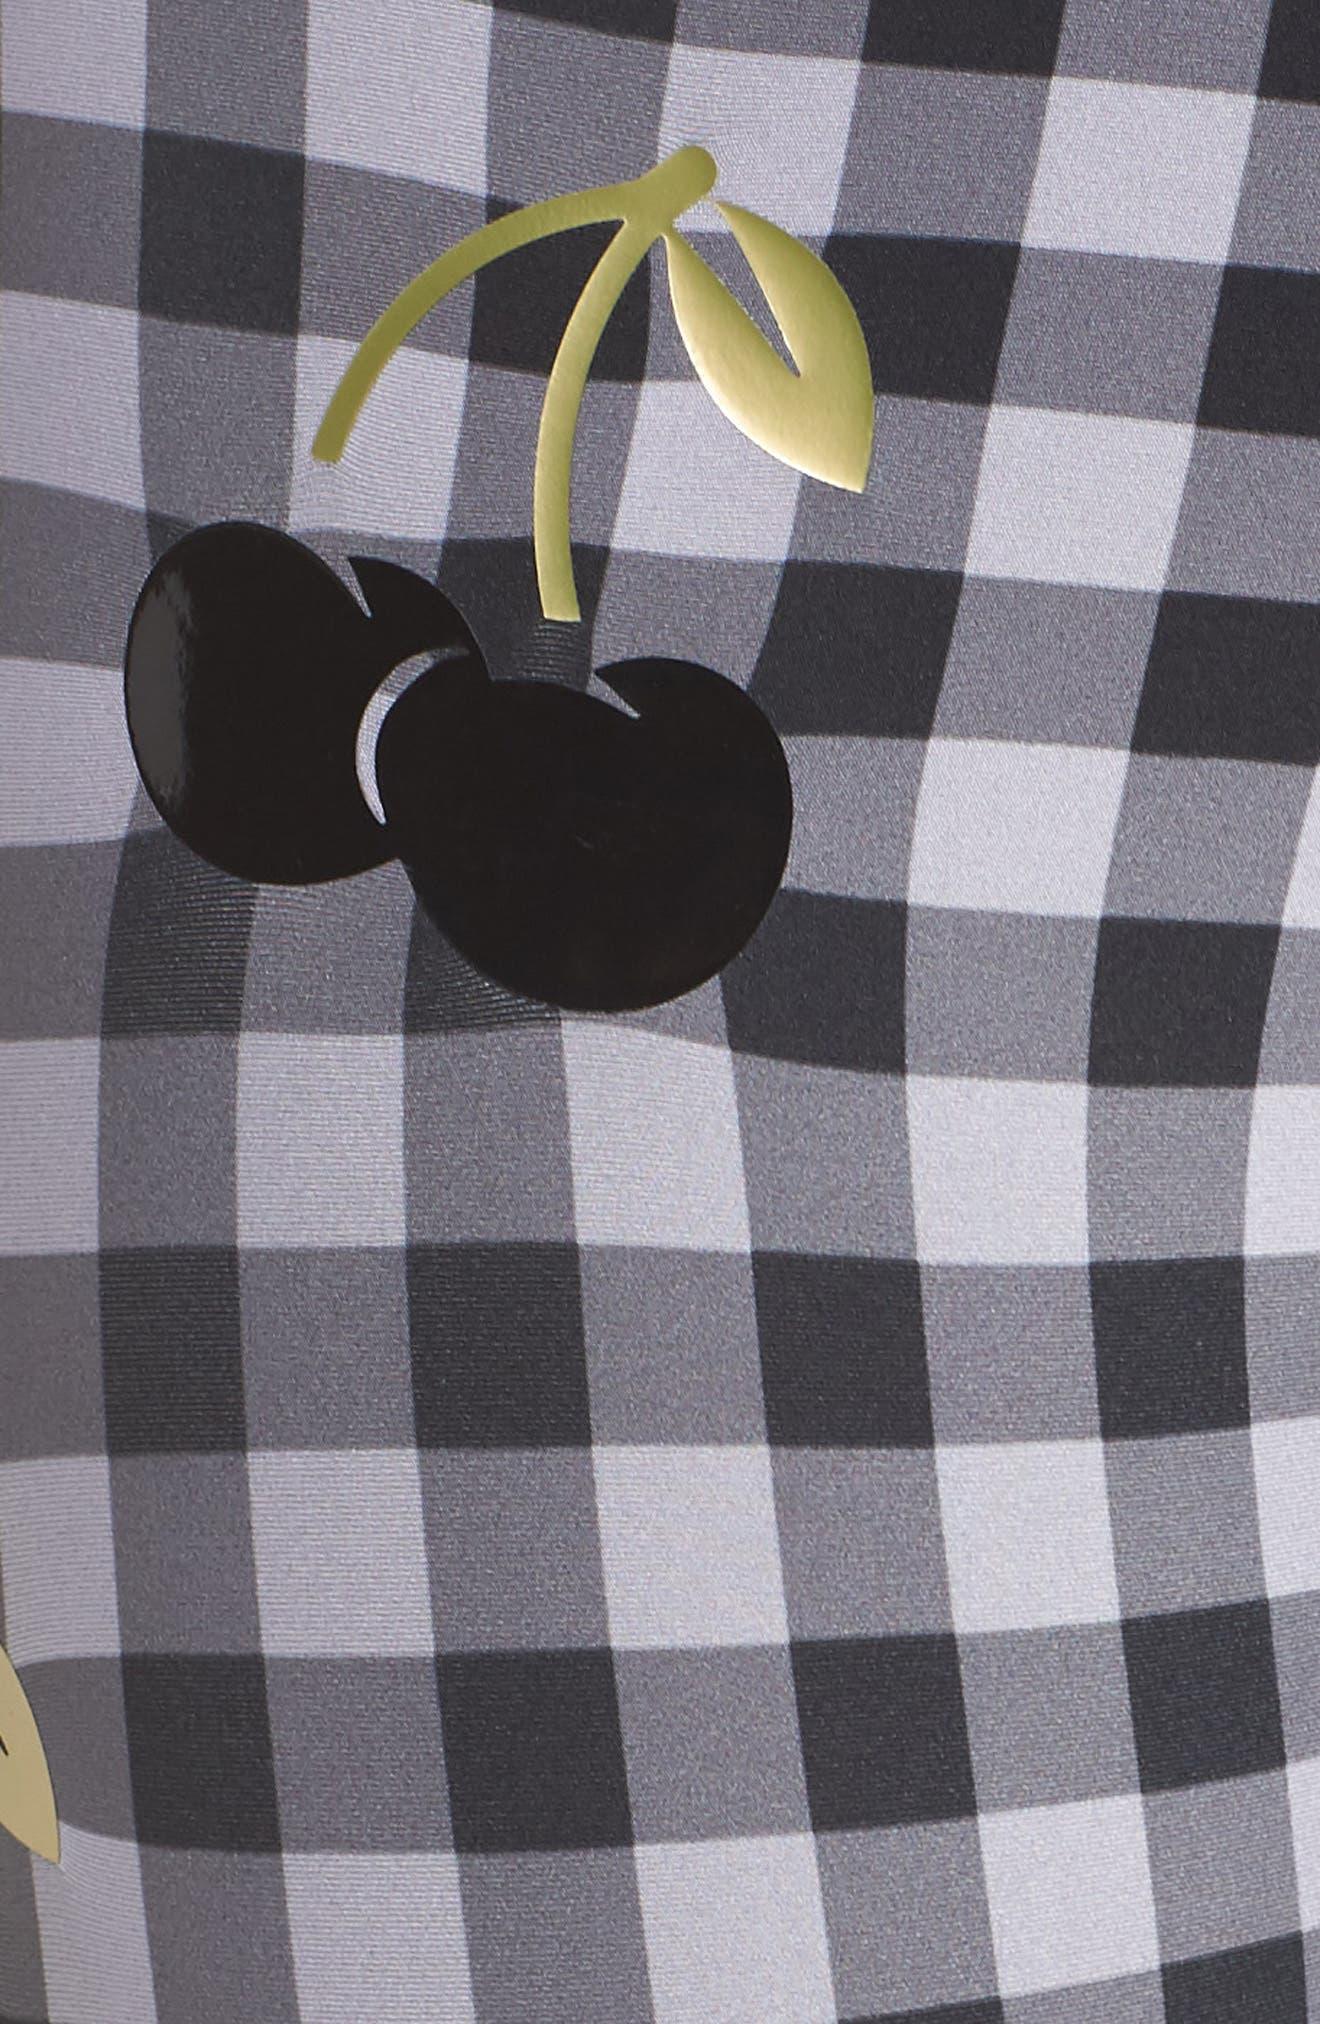 Ultra Cherry Check Leggings,                             Alternate thumbnail 6, color,                             002